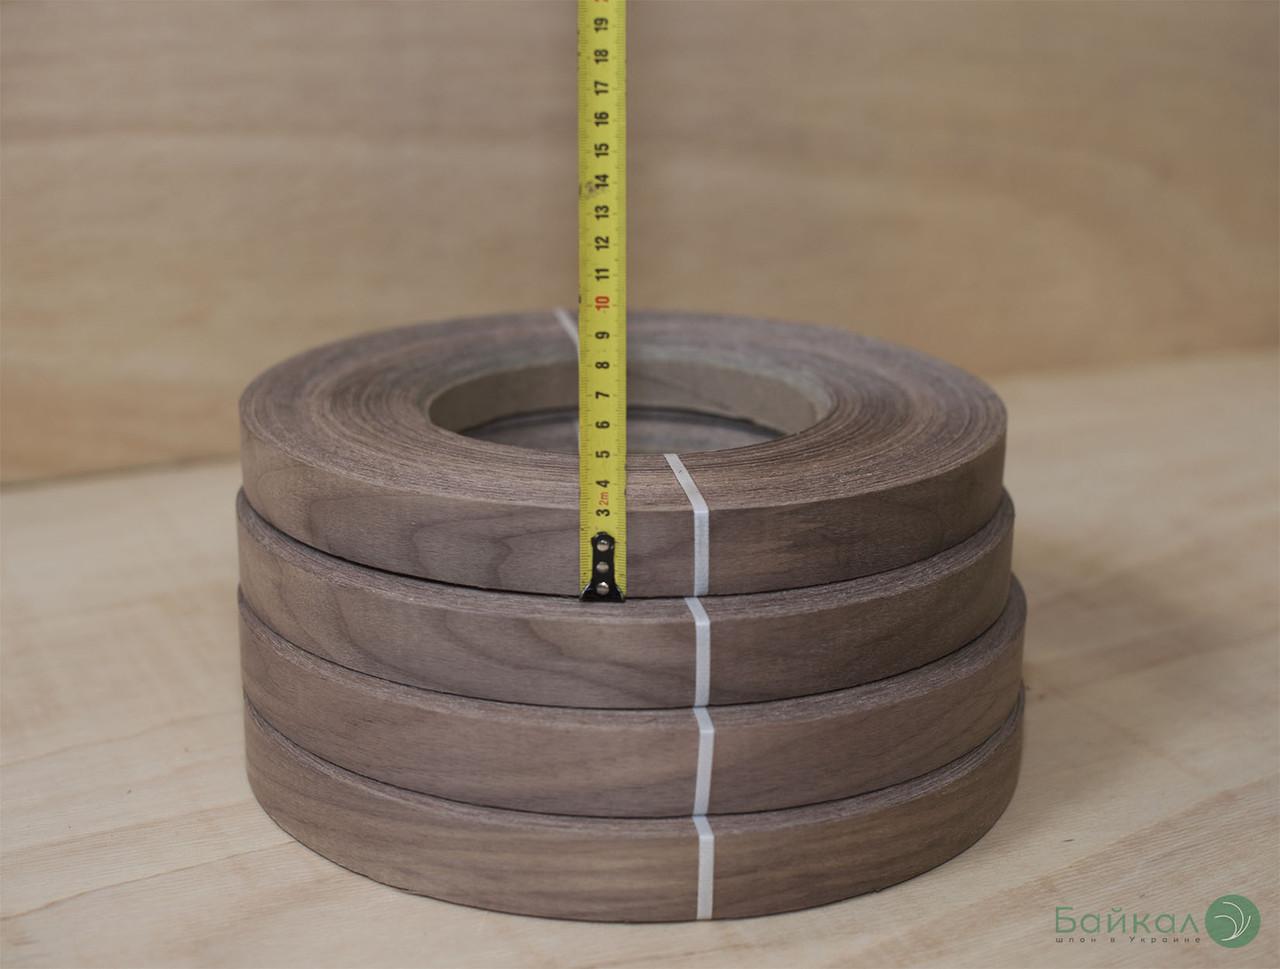 Кромка мебельная Орех Американский(натуральная) - без клея